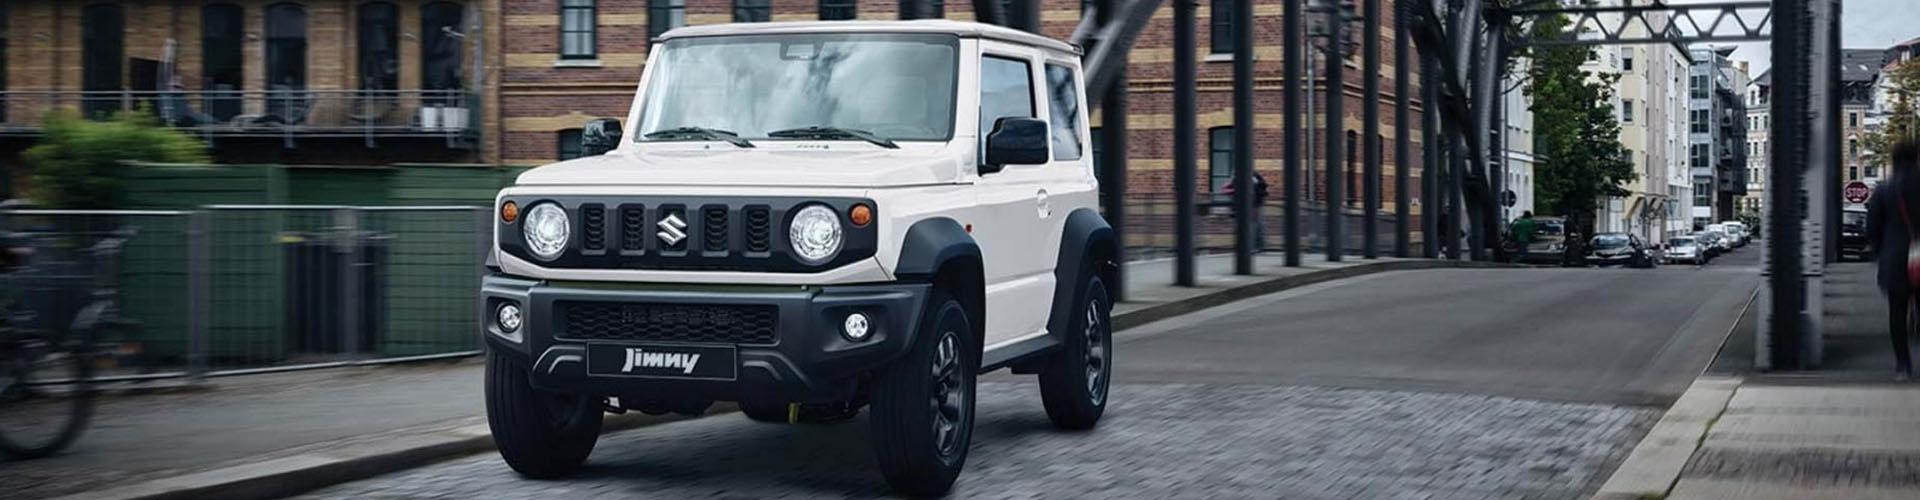 Suzuki QLD Jimny